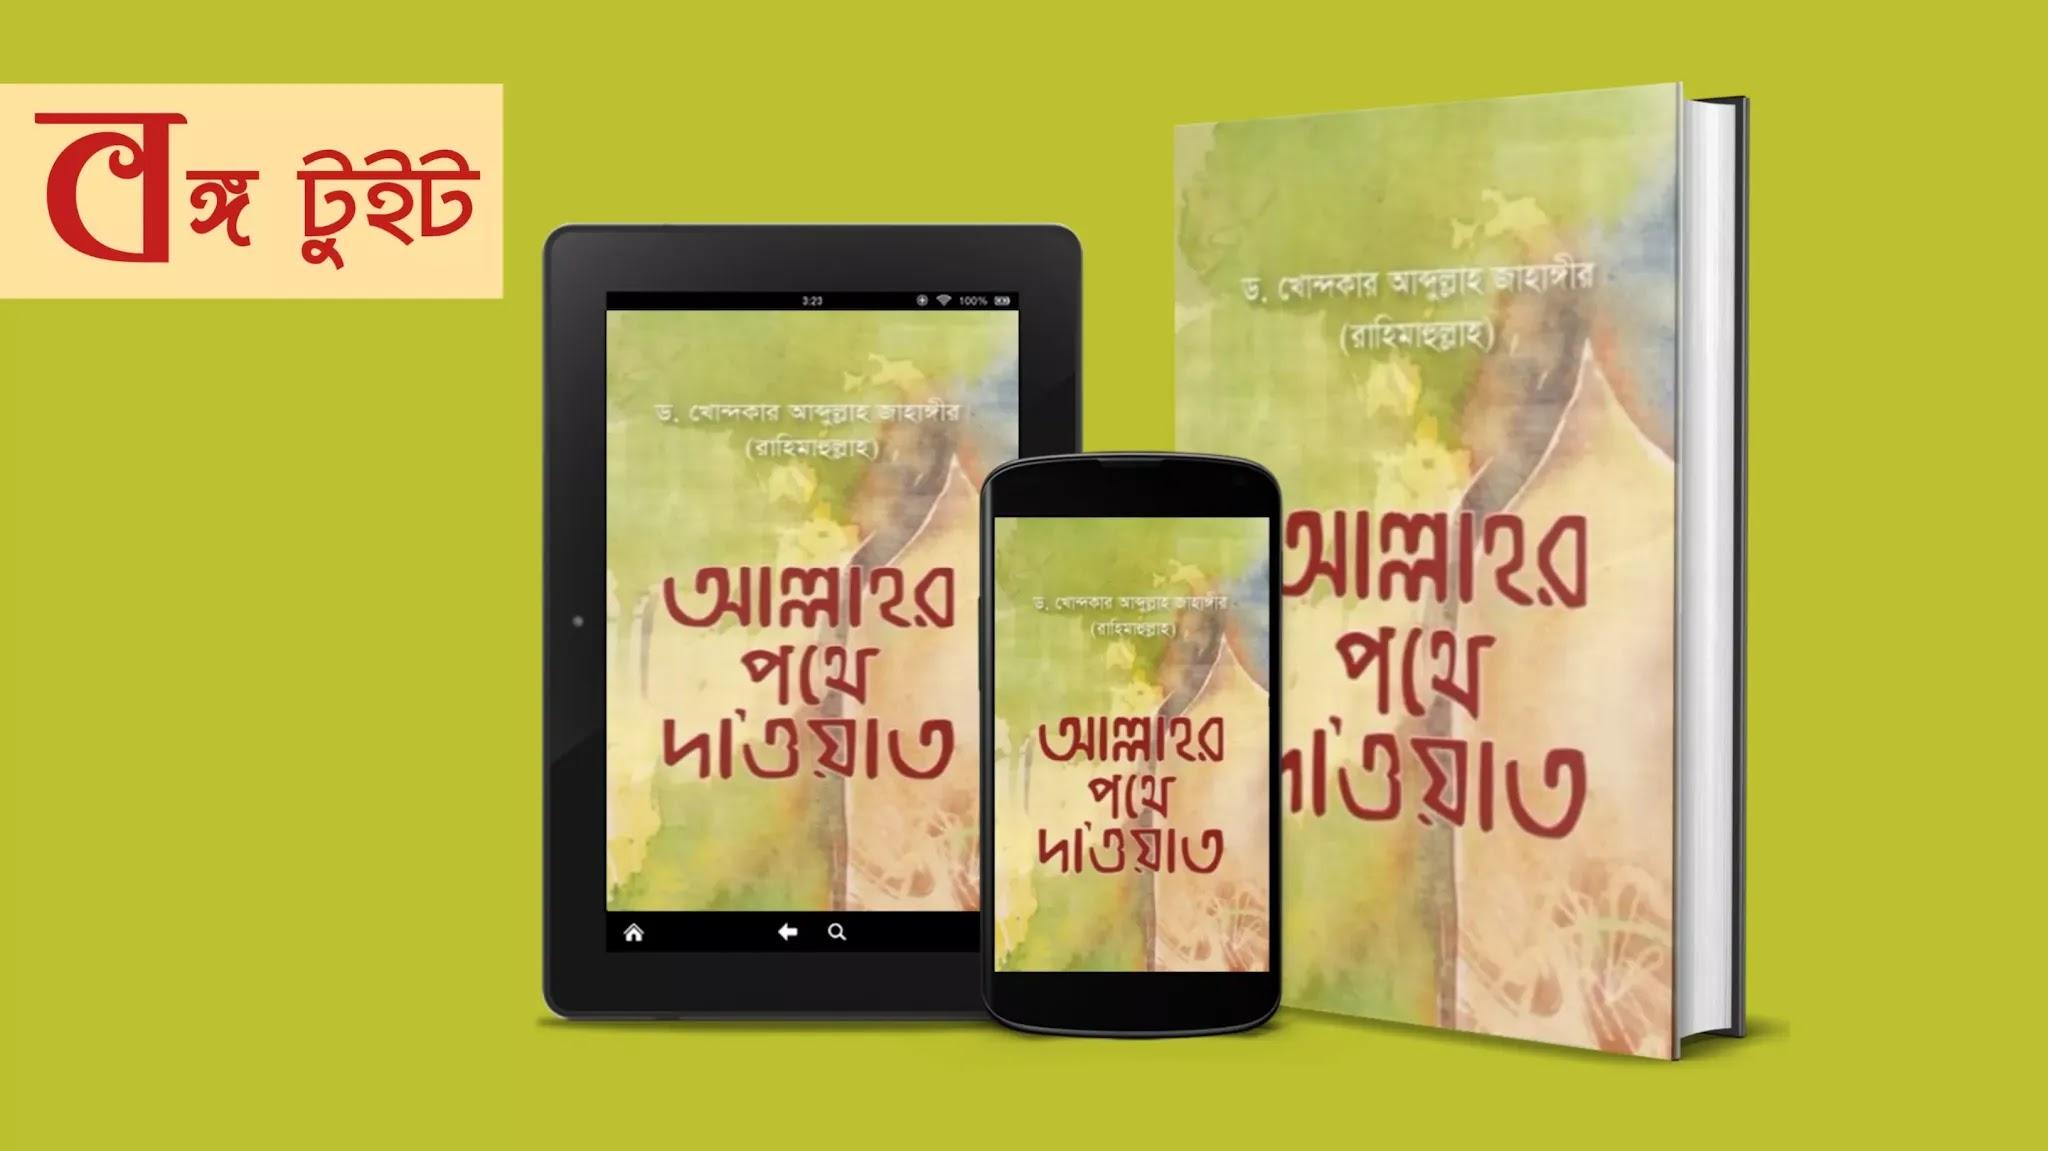 আল্লাহর পথে দা'ওয়াত PDF বই - আল্লাহর পথে দাওয়াত PDF বই - বঙ্গ টুইট - Bongo Tweet